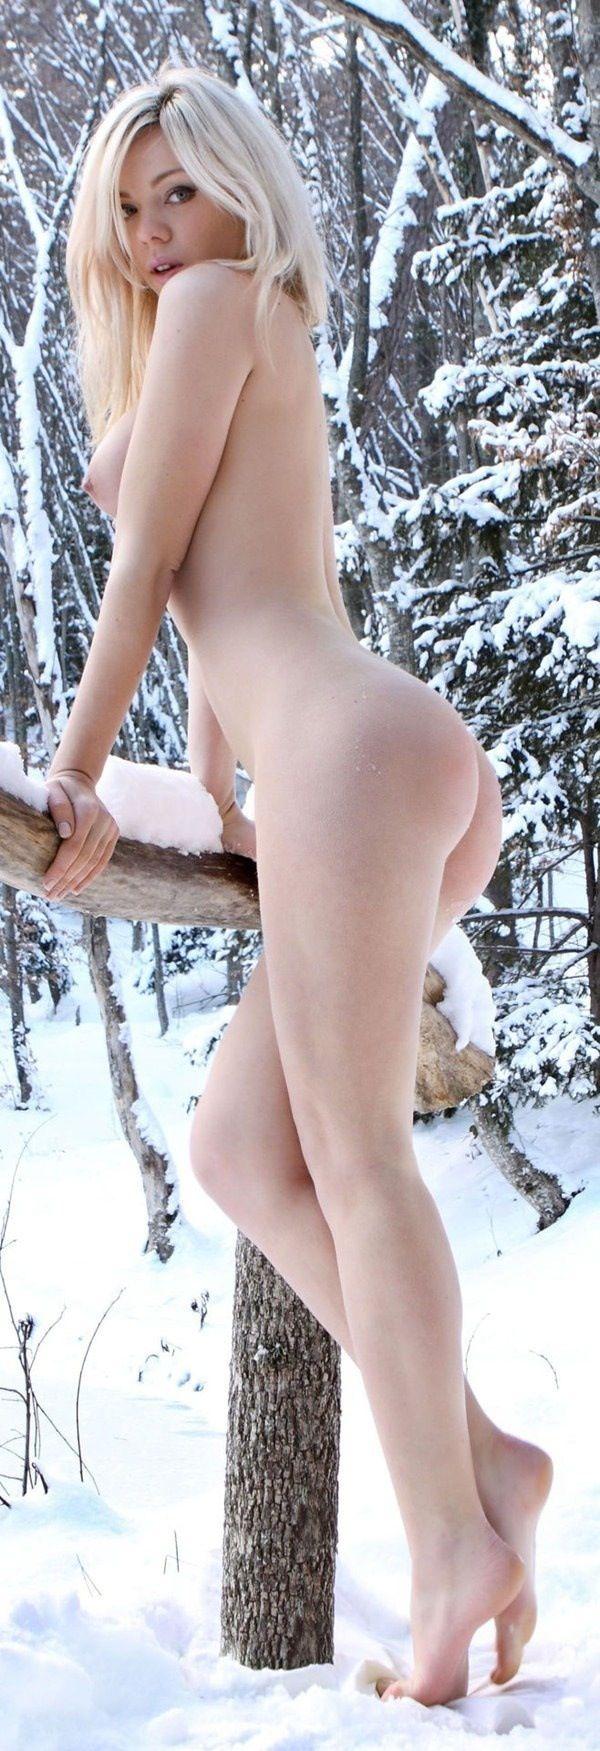 Heißeste nackte blonde Bilder